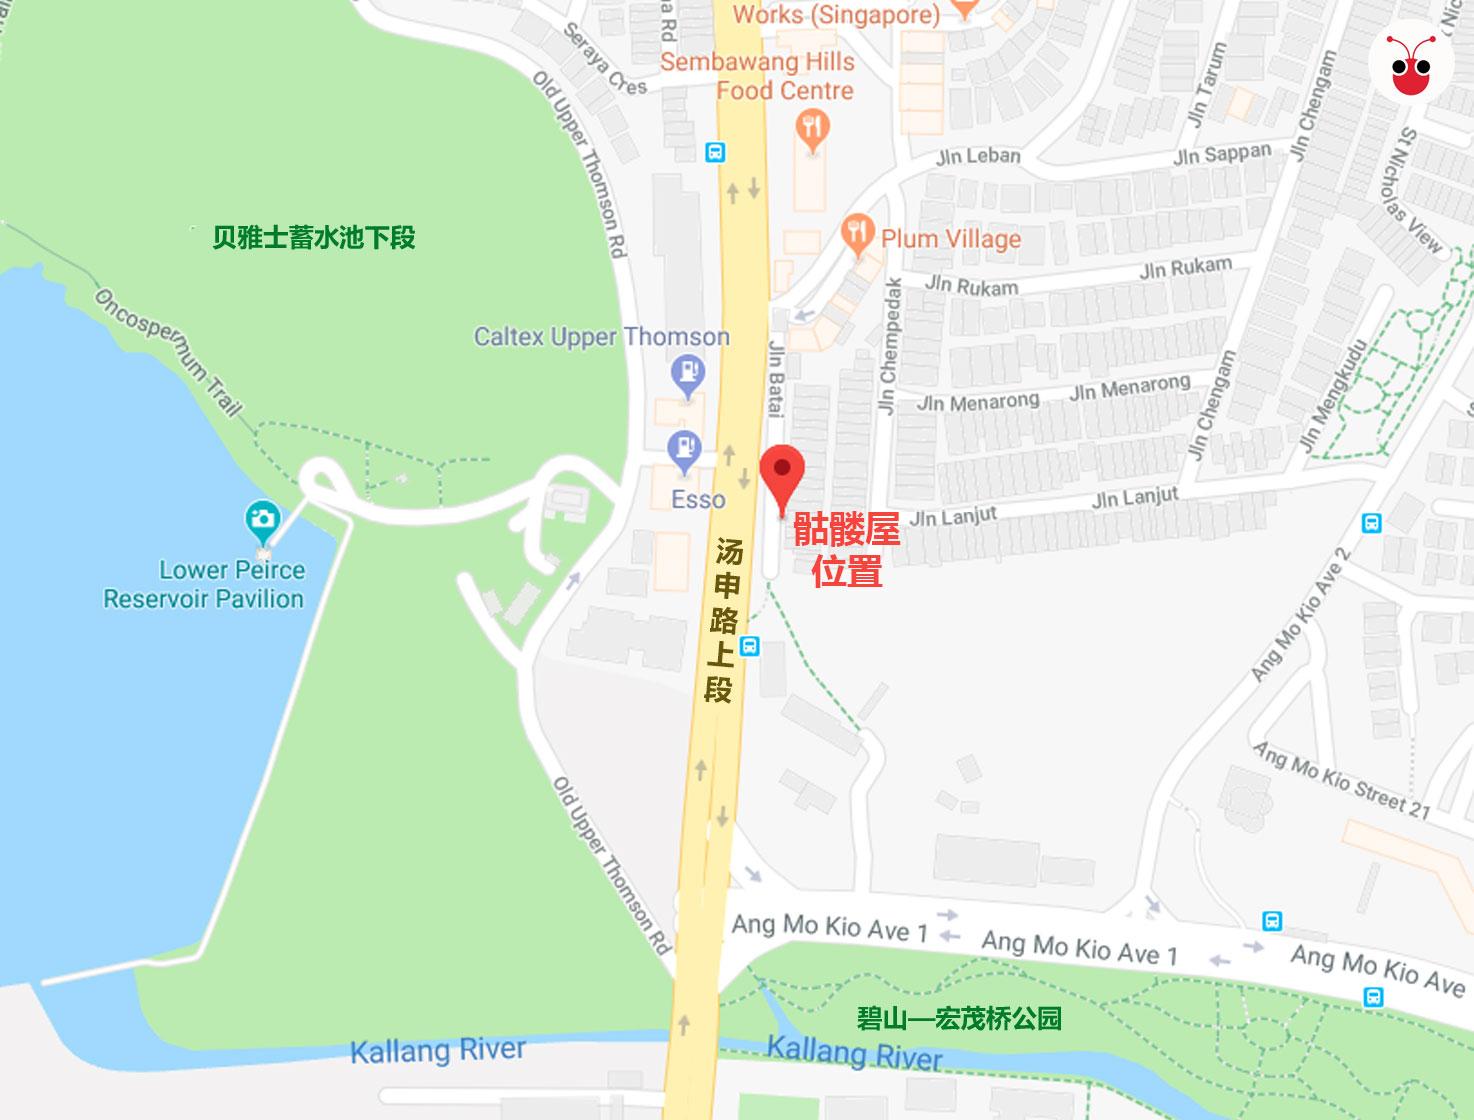 20180228_location.jpg